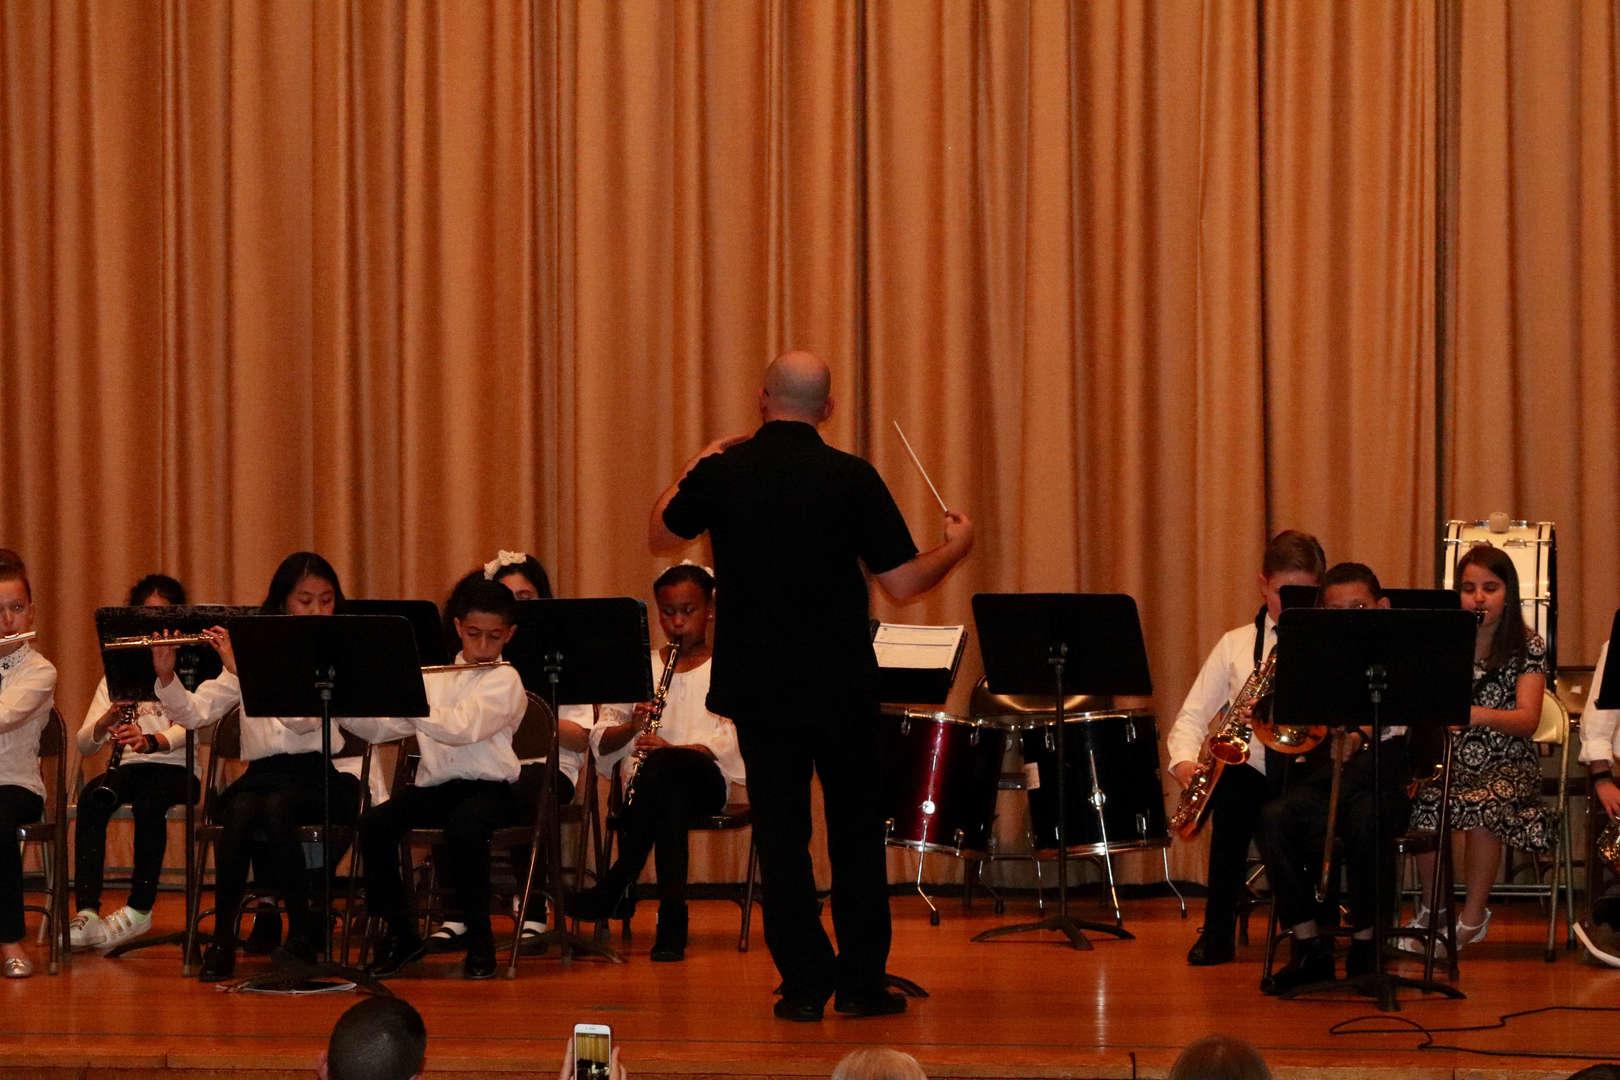 Mr. Graziano leading the orchestra